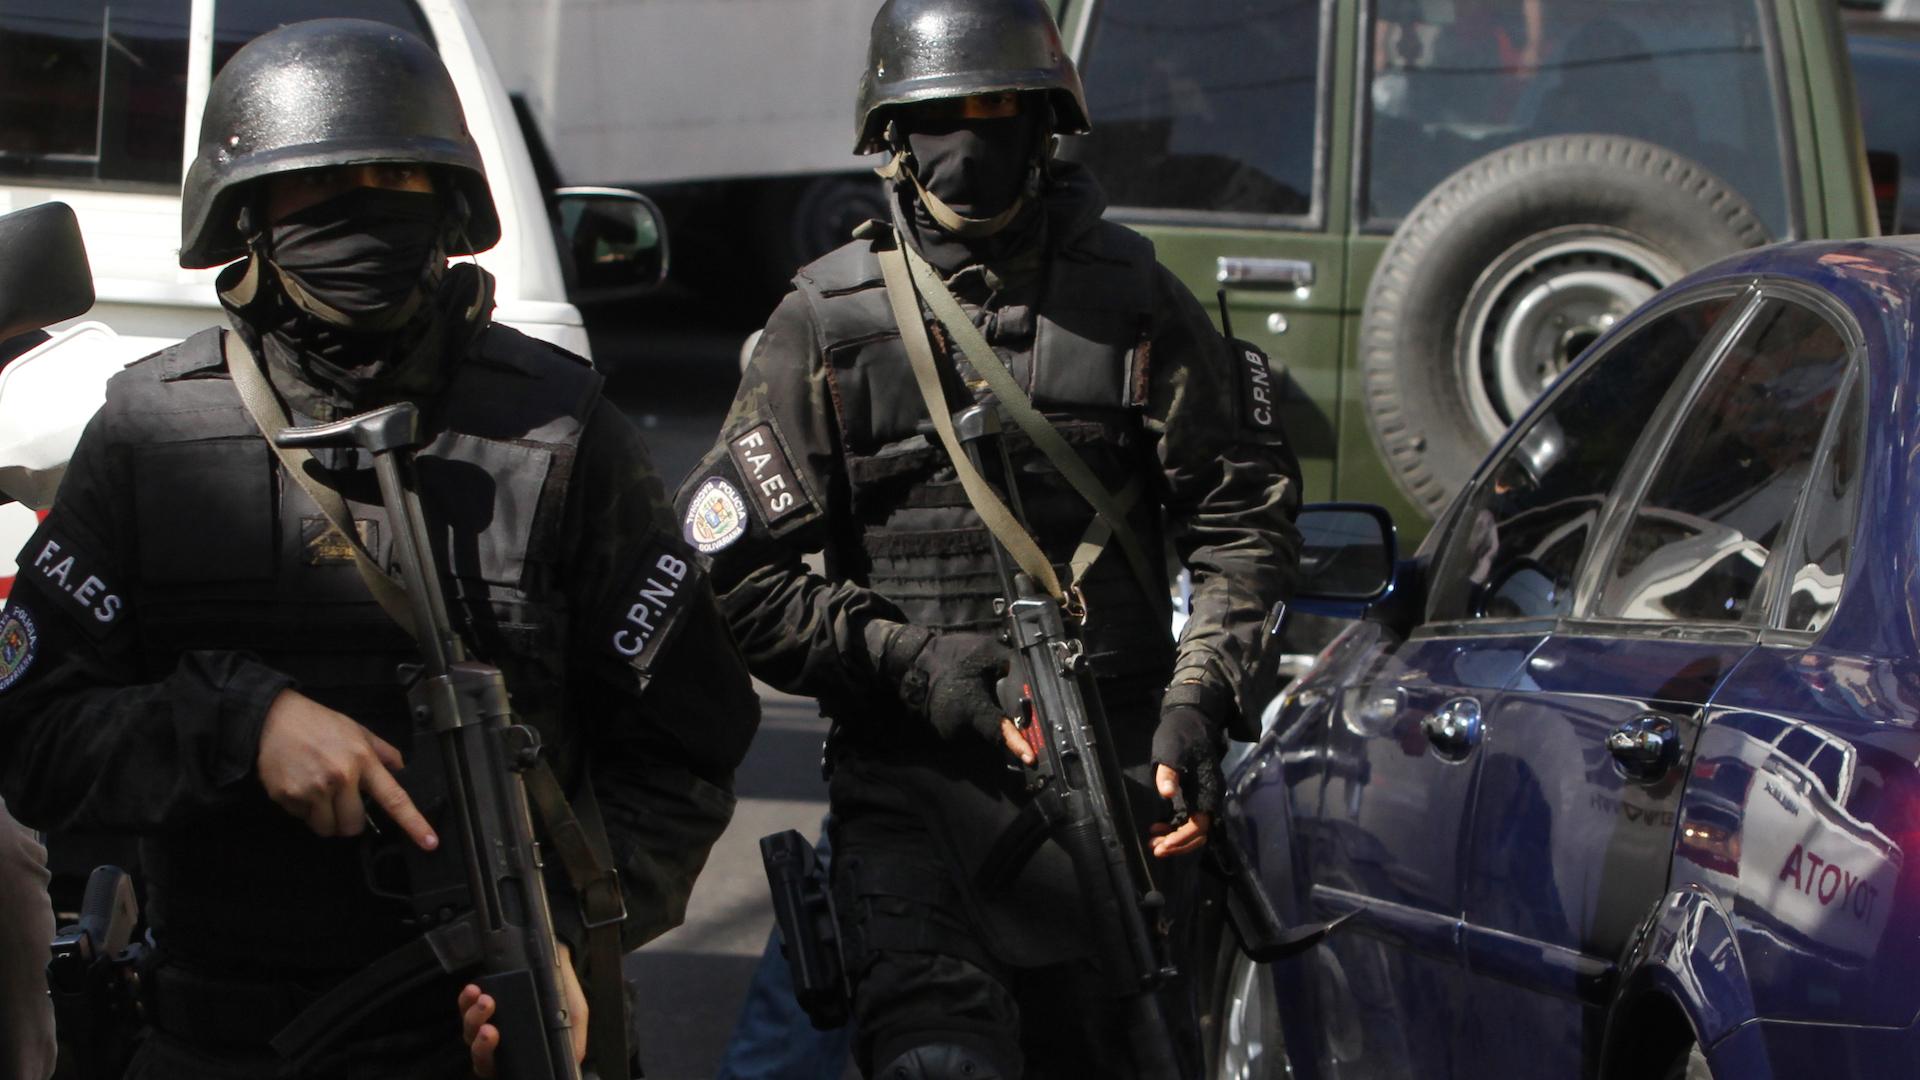 OVV: Es inadmisible que sigan muriendo jóvenes por acción equivocada de autoridades